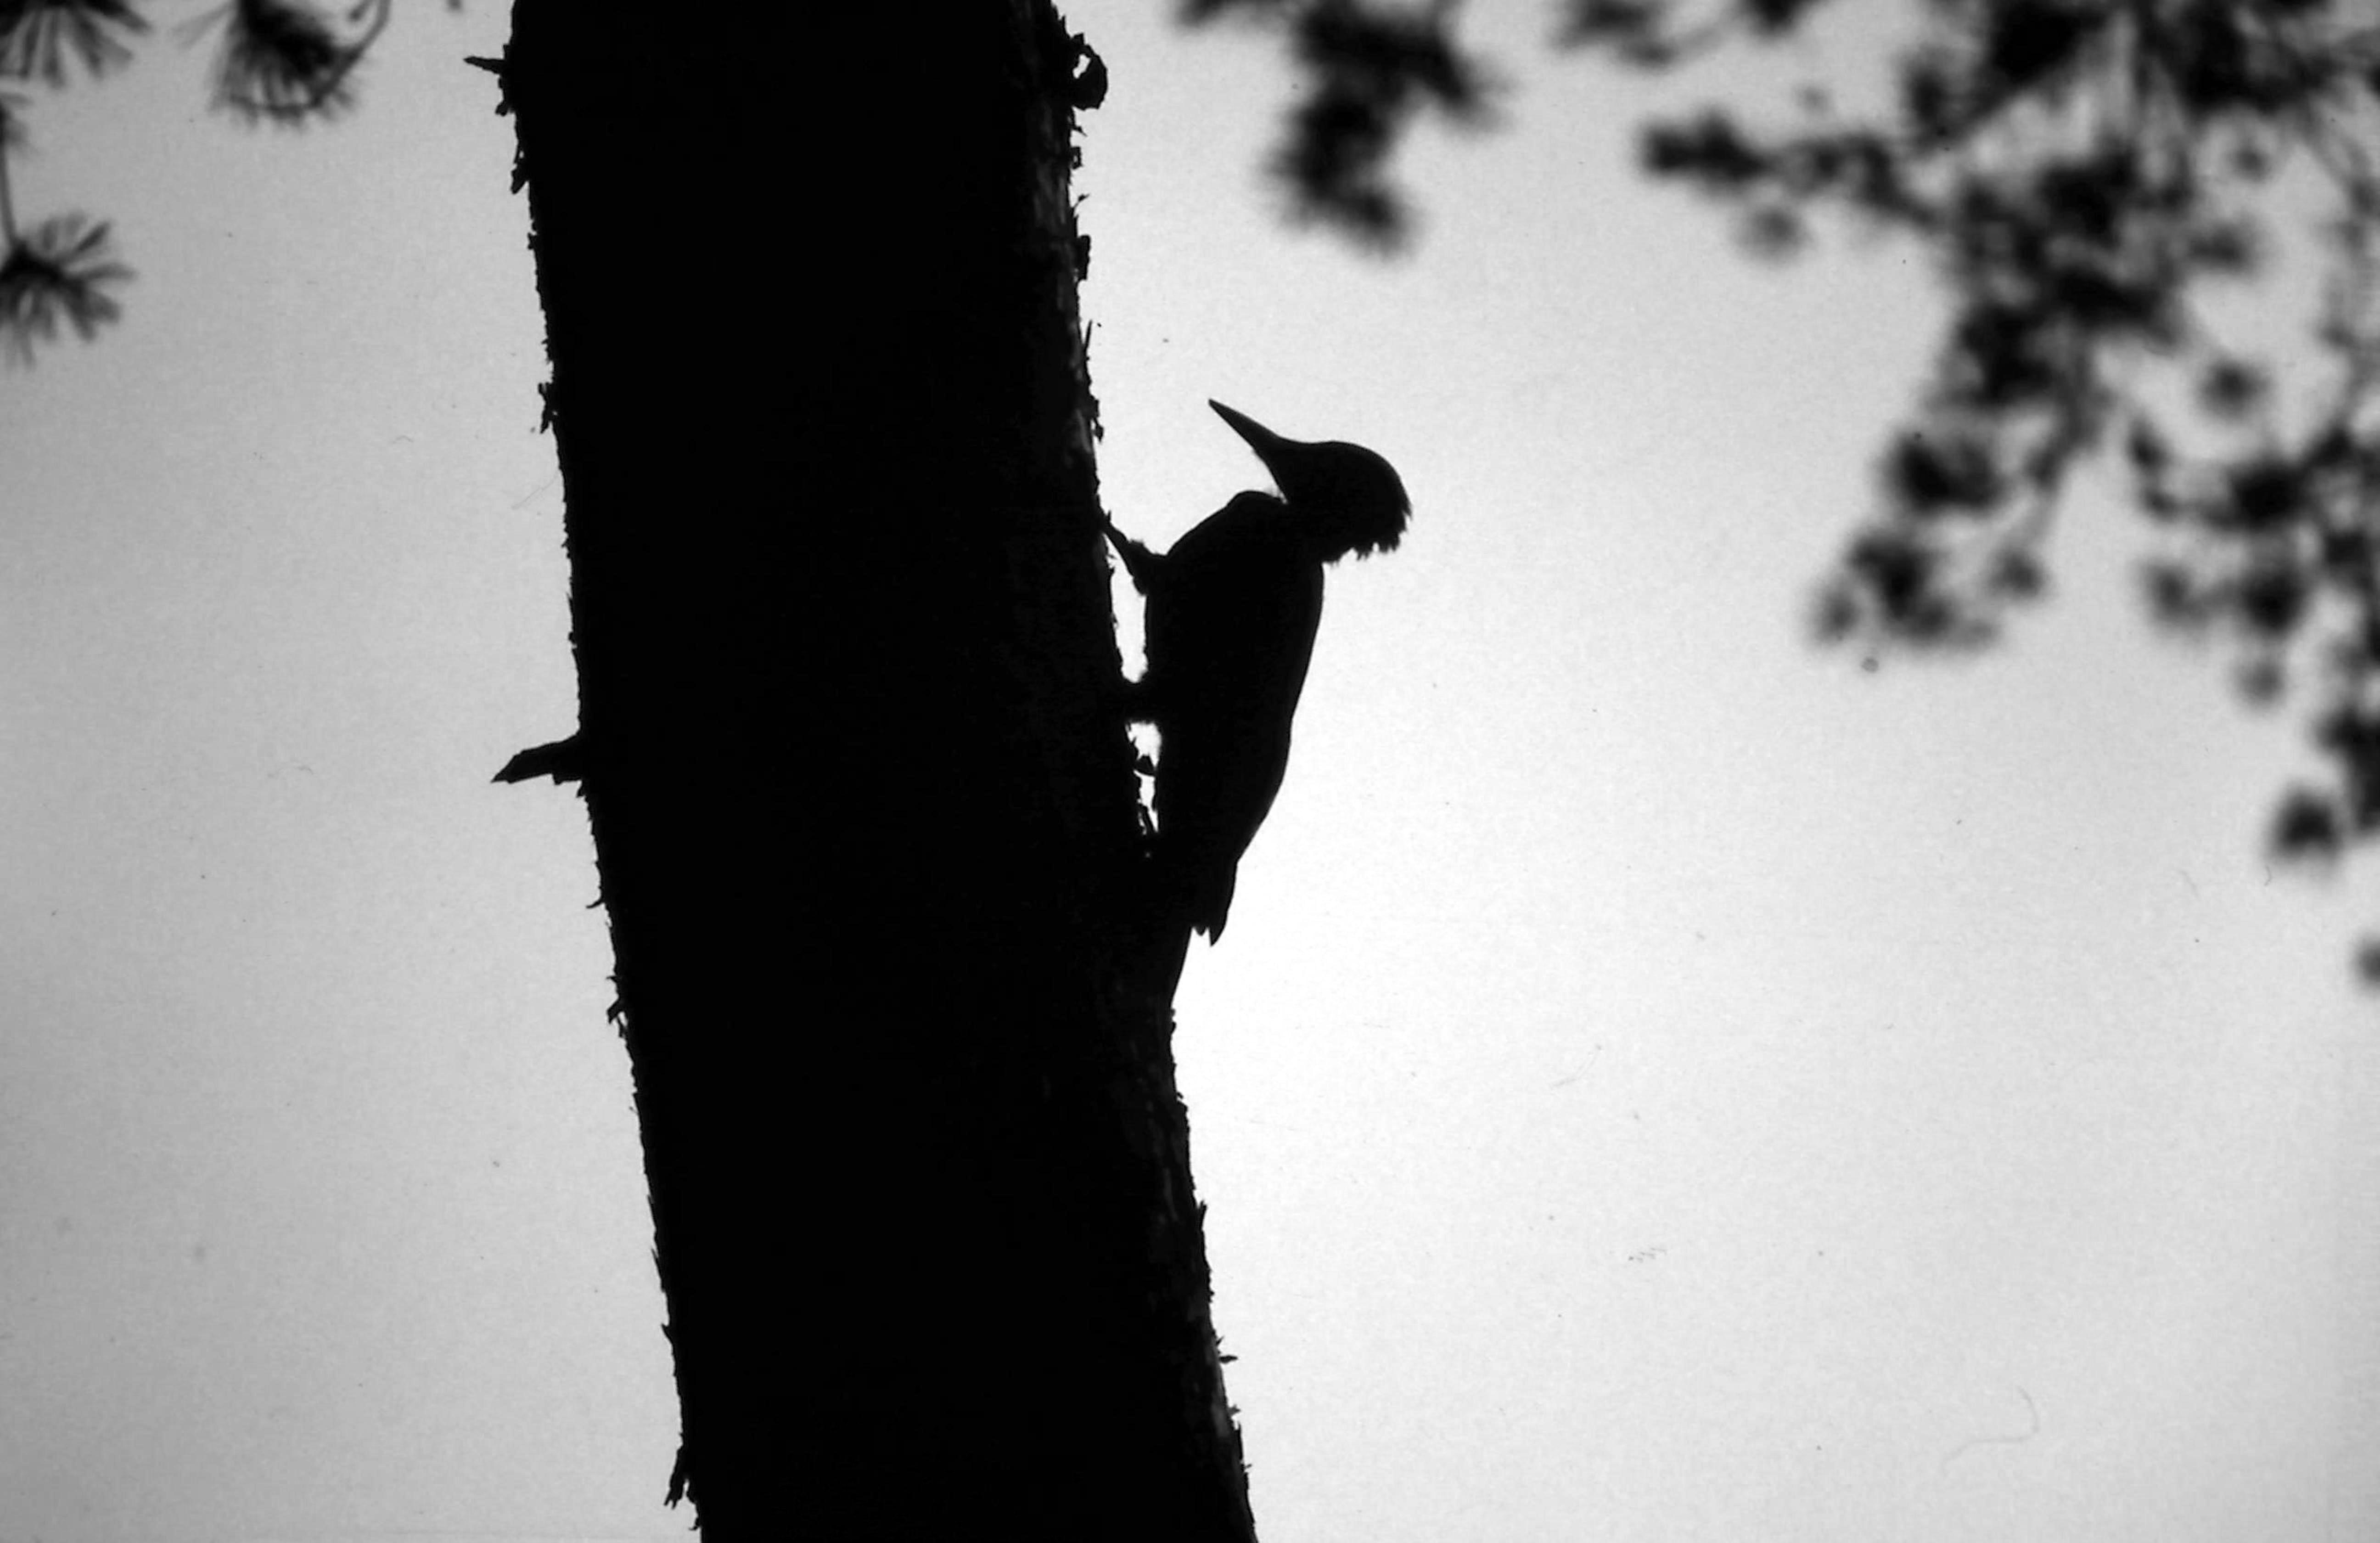 Uitgerekend die ene boom hebben ze laten staan…' – Foto: Yvonne Arentzen